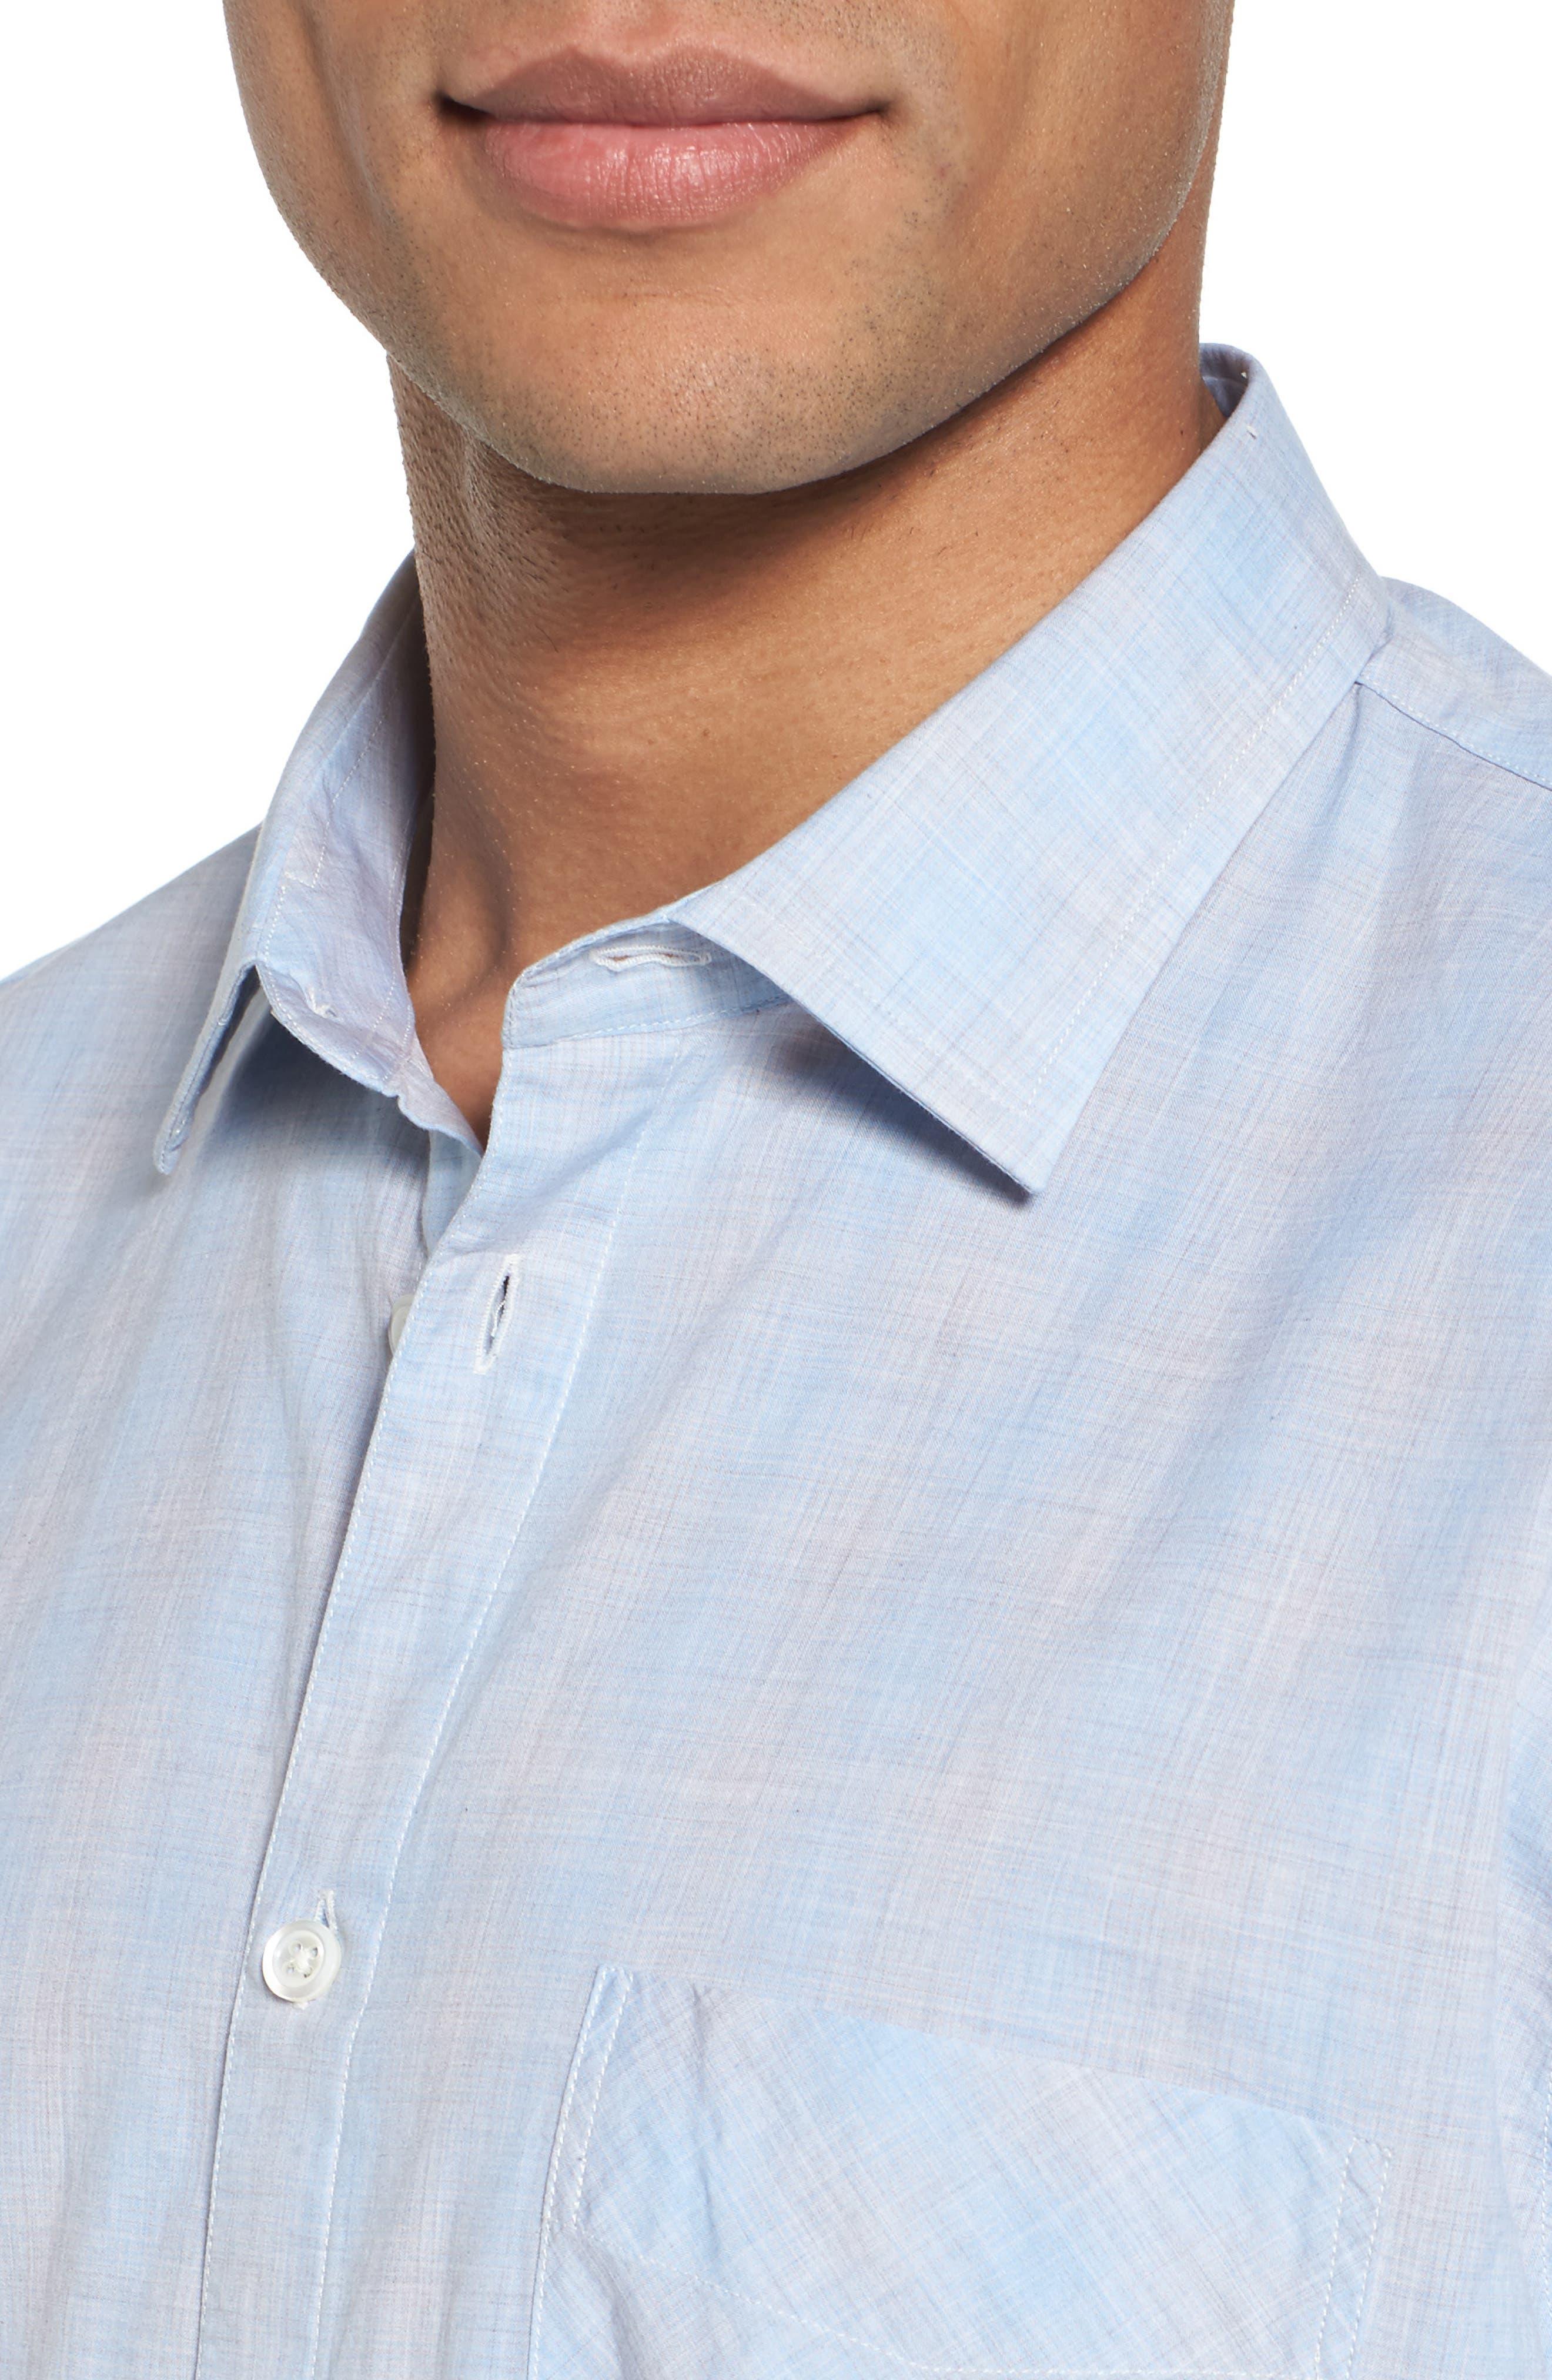 John T Slim Fit Sport Shirt,                             Alternate thumbnail 2, color,                             Light Blue